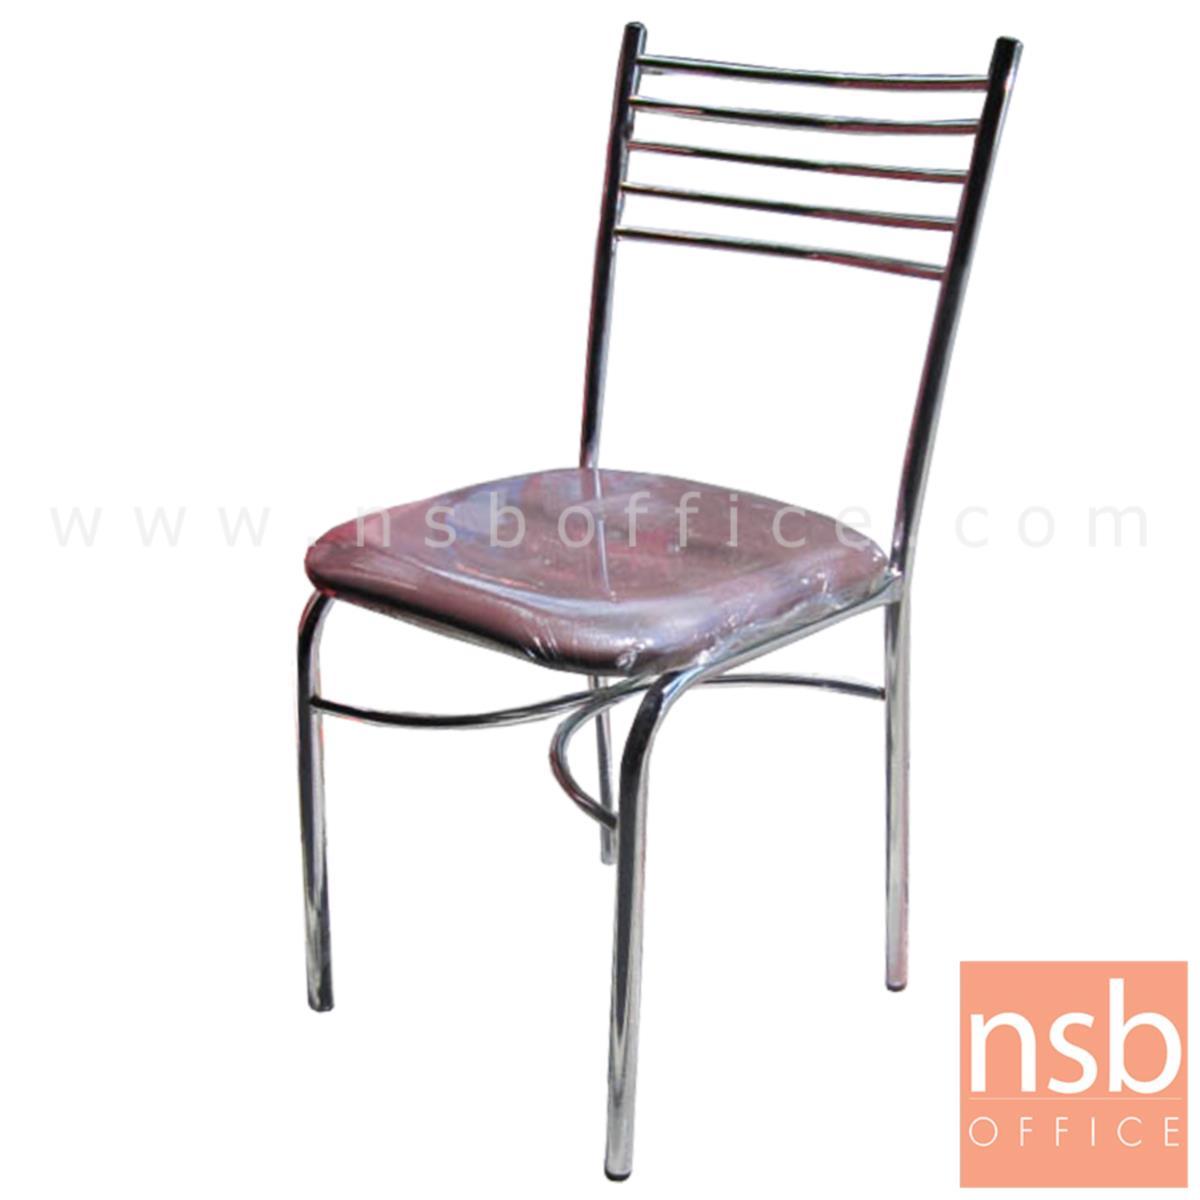 B20A050:เก้าอี้อเนกประสงค์เหล็ก รุ่น LIVE  ขาเหล็กชุบโครเมี่ยม